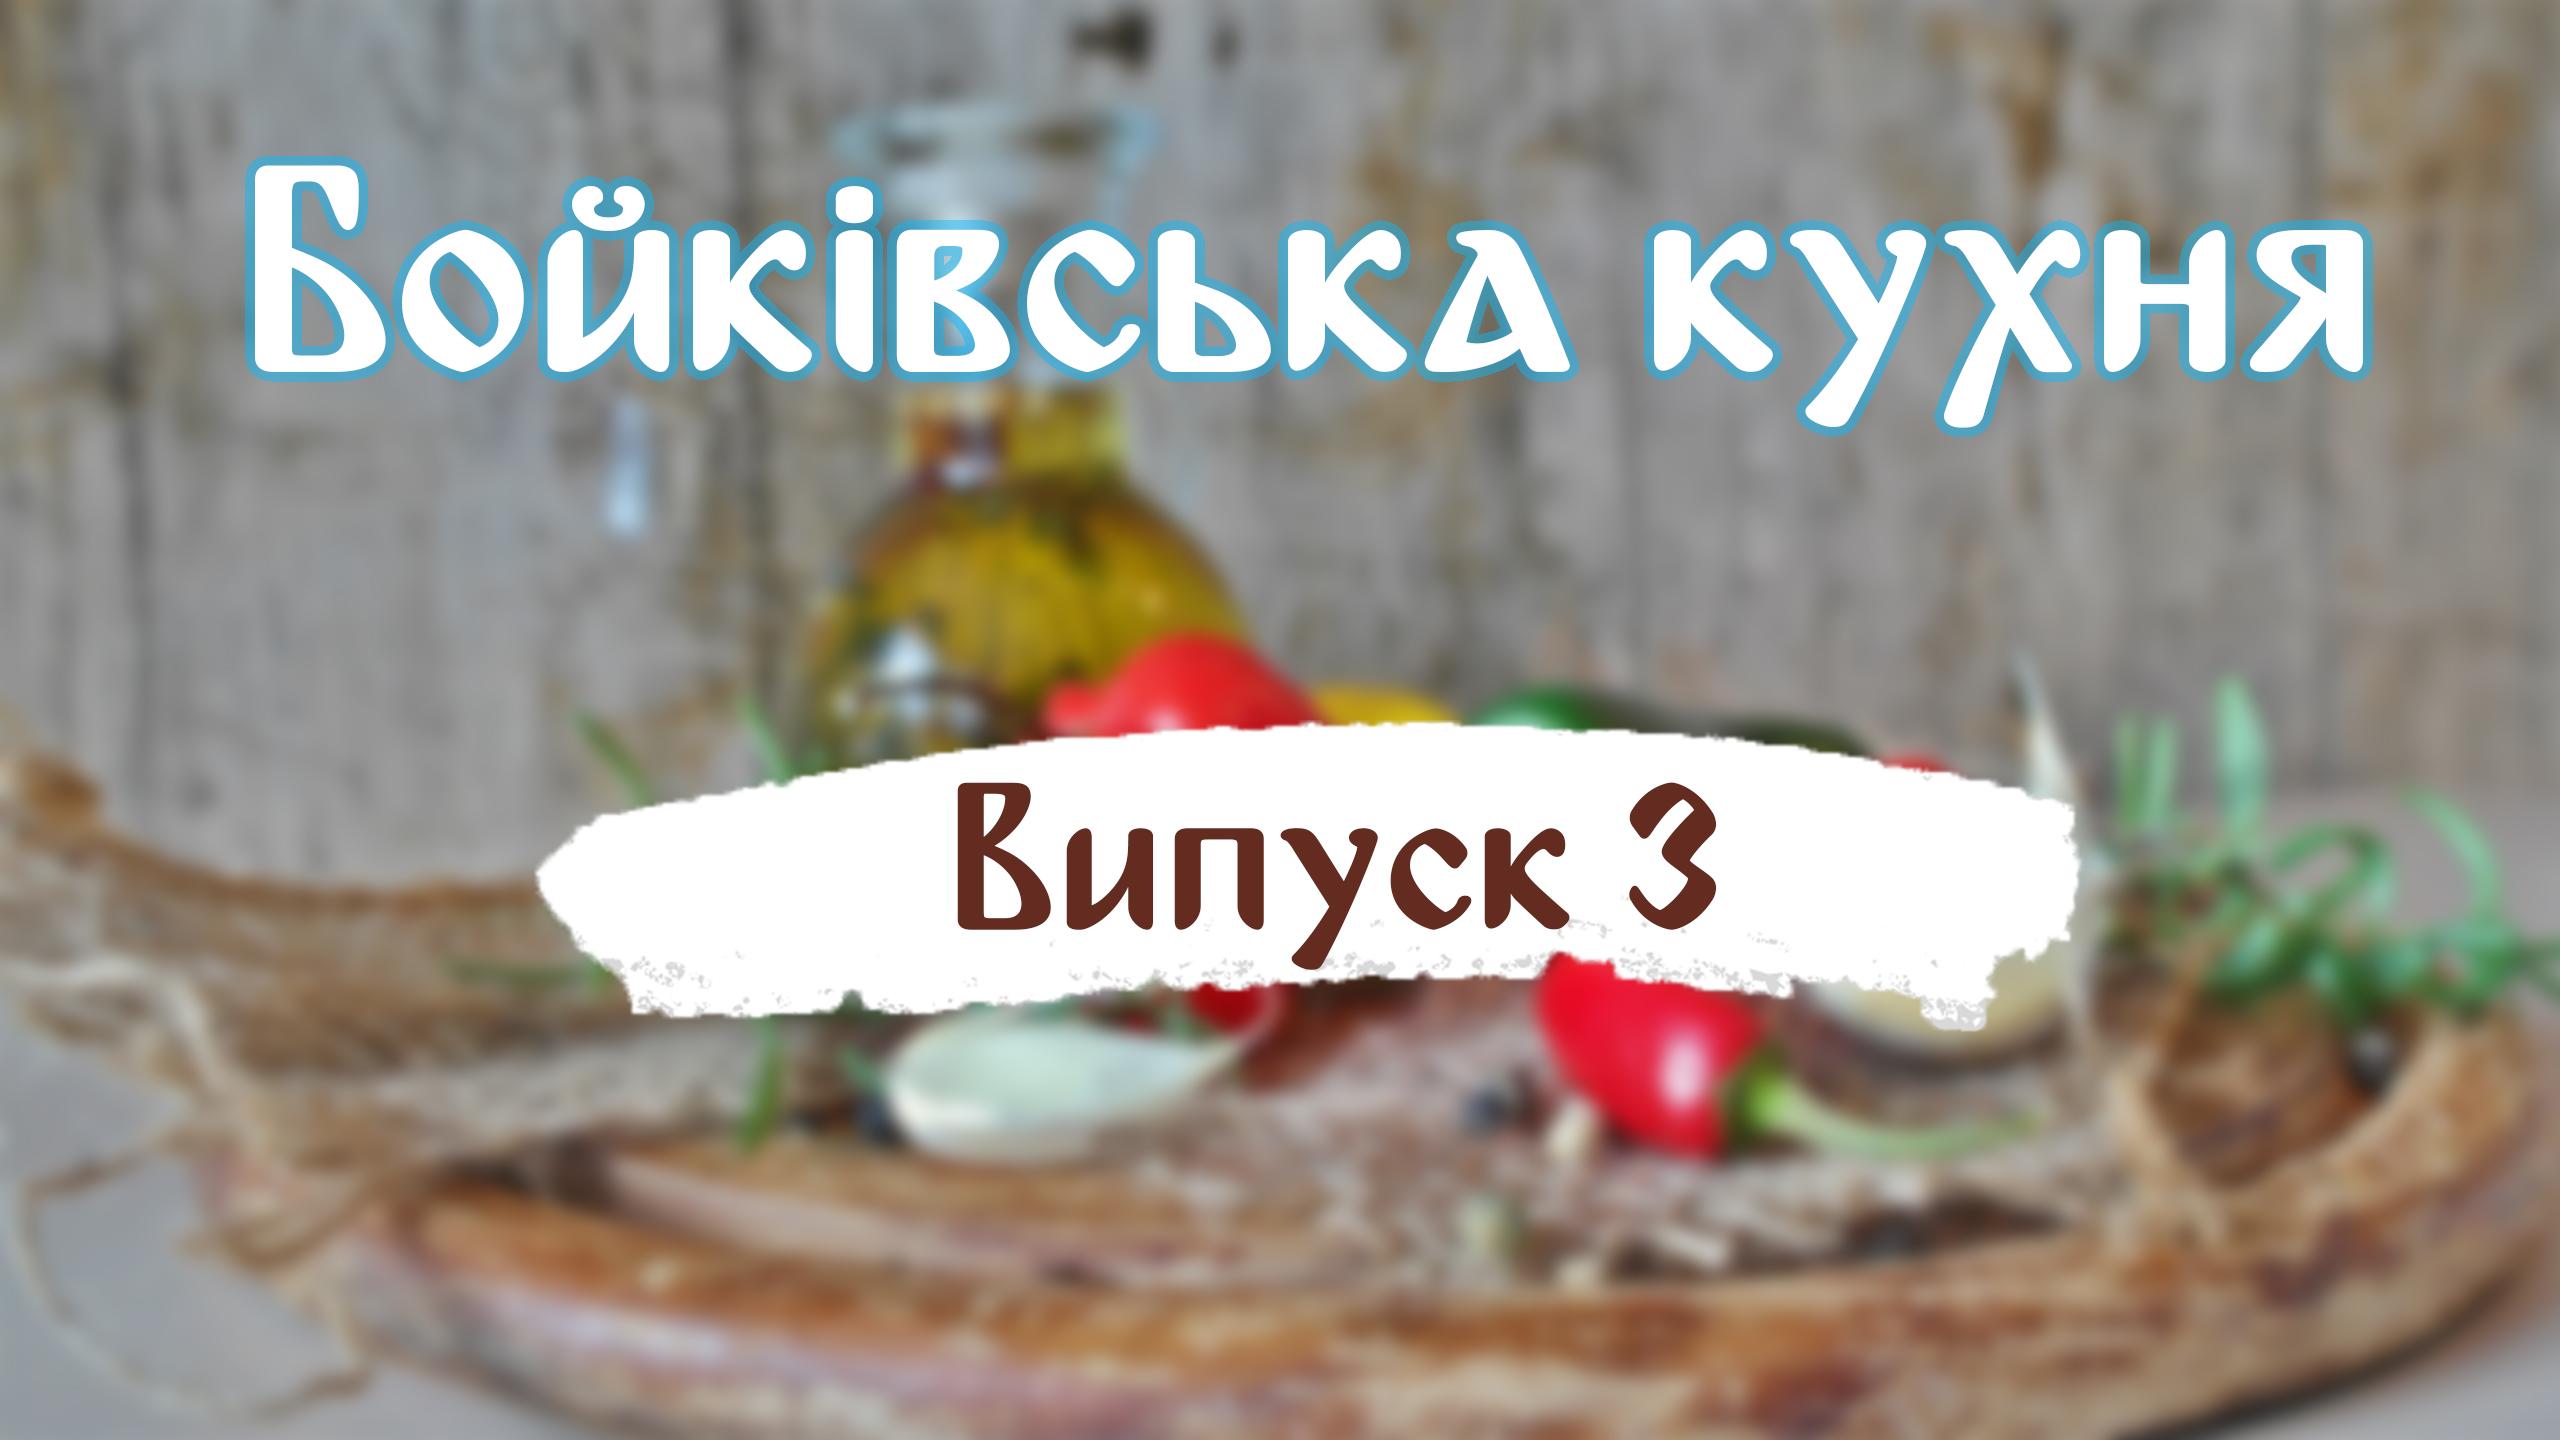 Бойківська кухня. Випуск 3. Сирник.